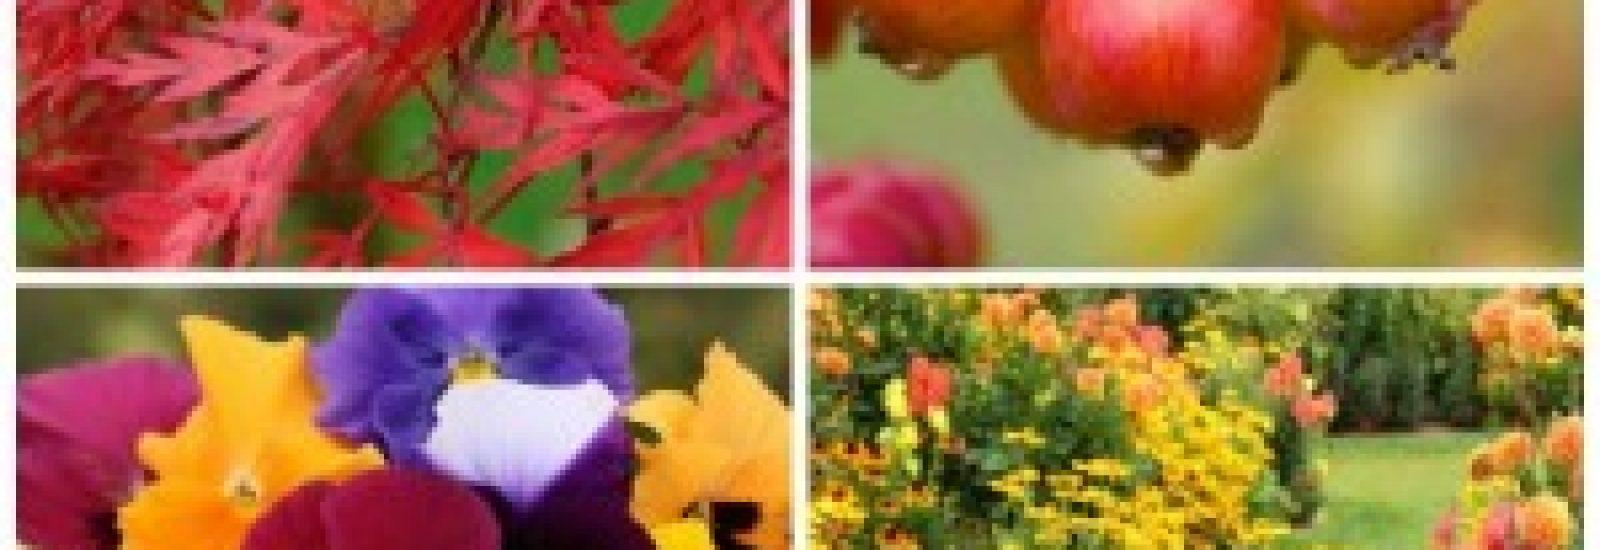 Autumn Collages Powerscourt Gardens